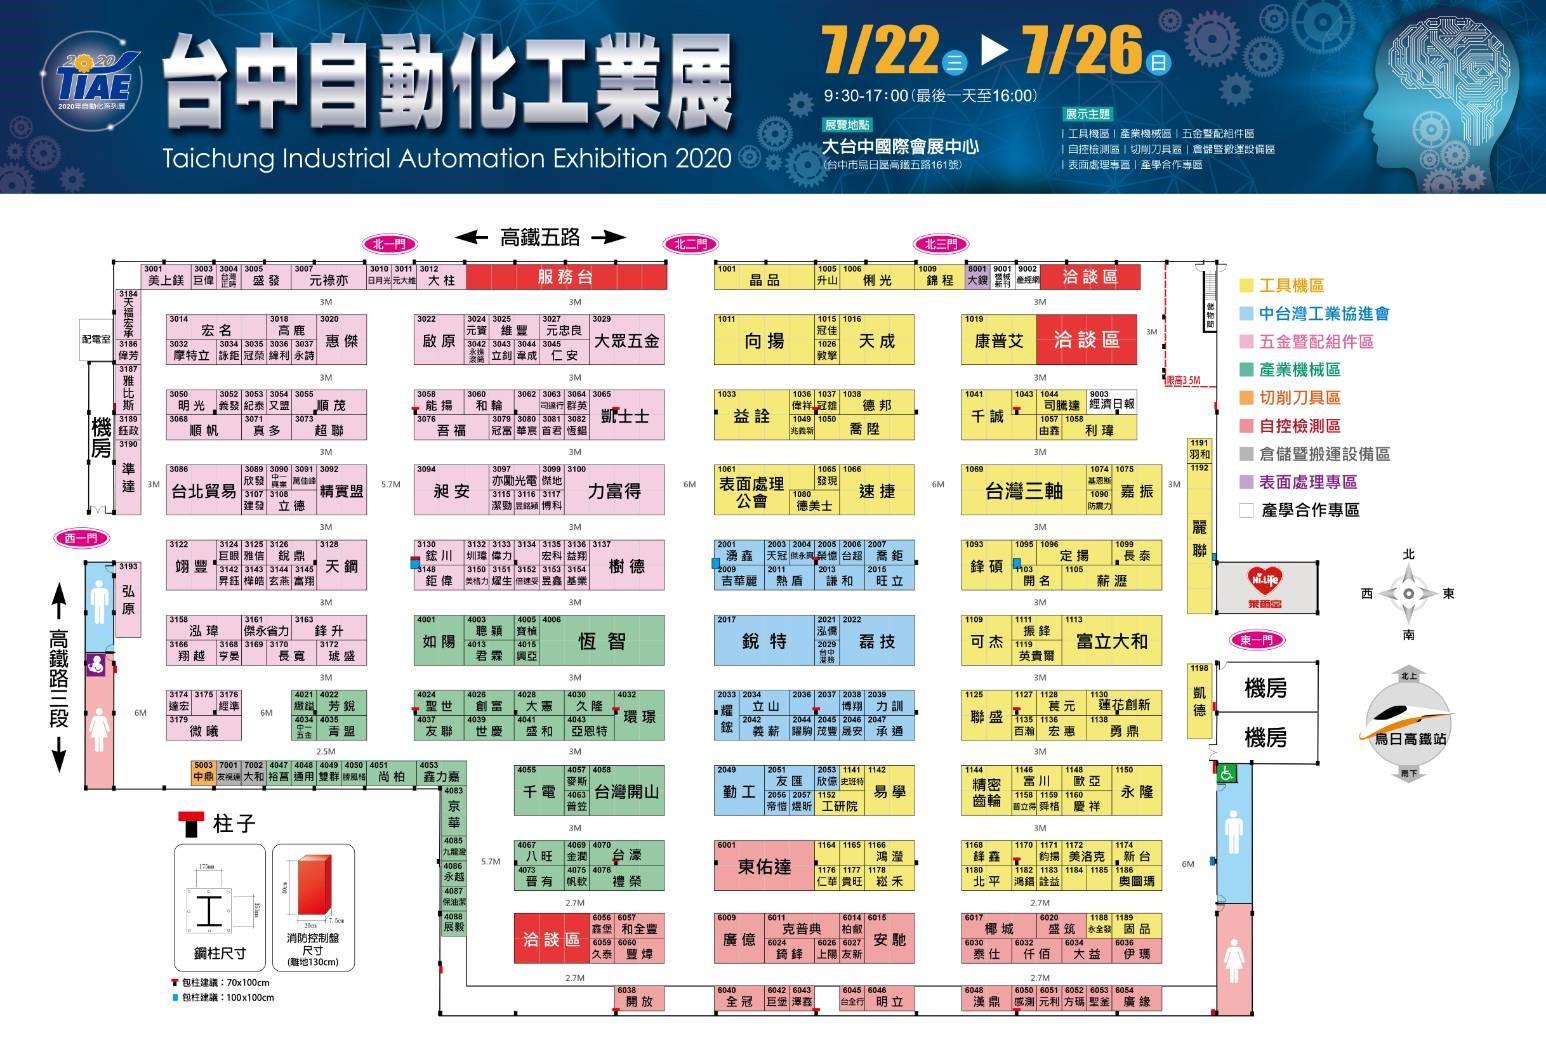 2020TIAE台中工具機展廠商攤位平面圖